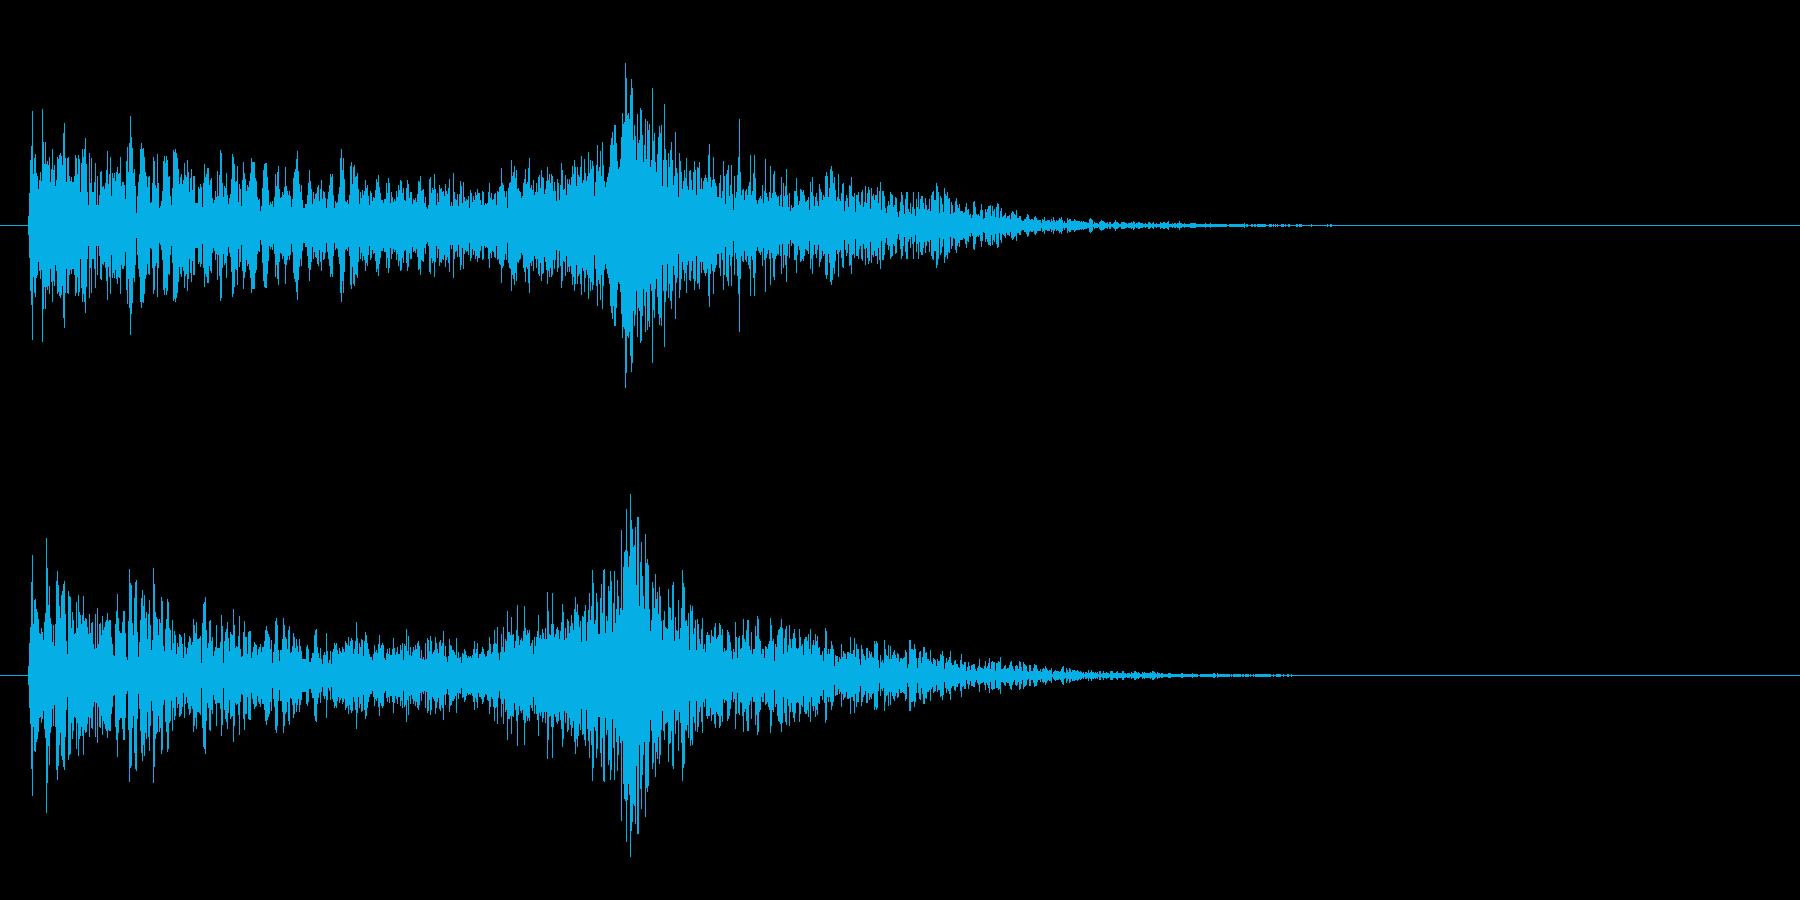 メタリックトーンによる深い影響の再生済みの波形